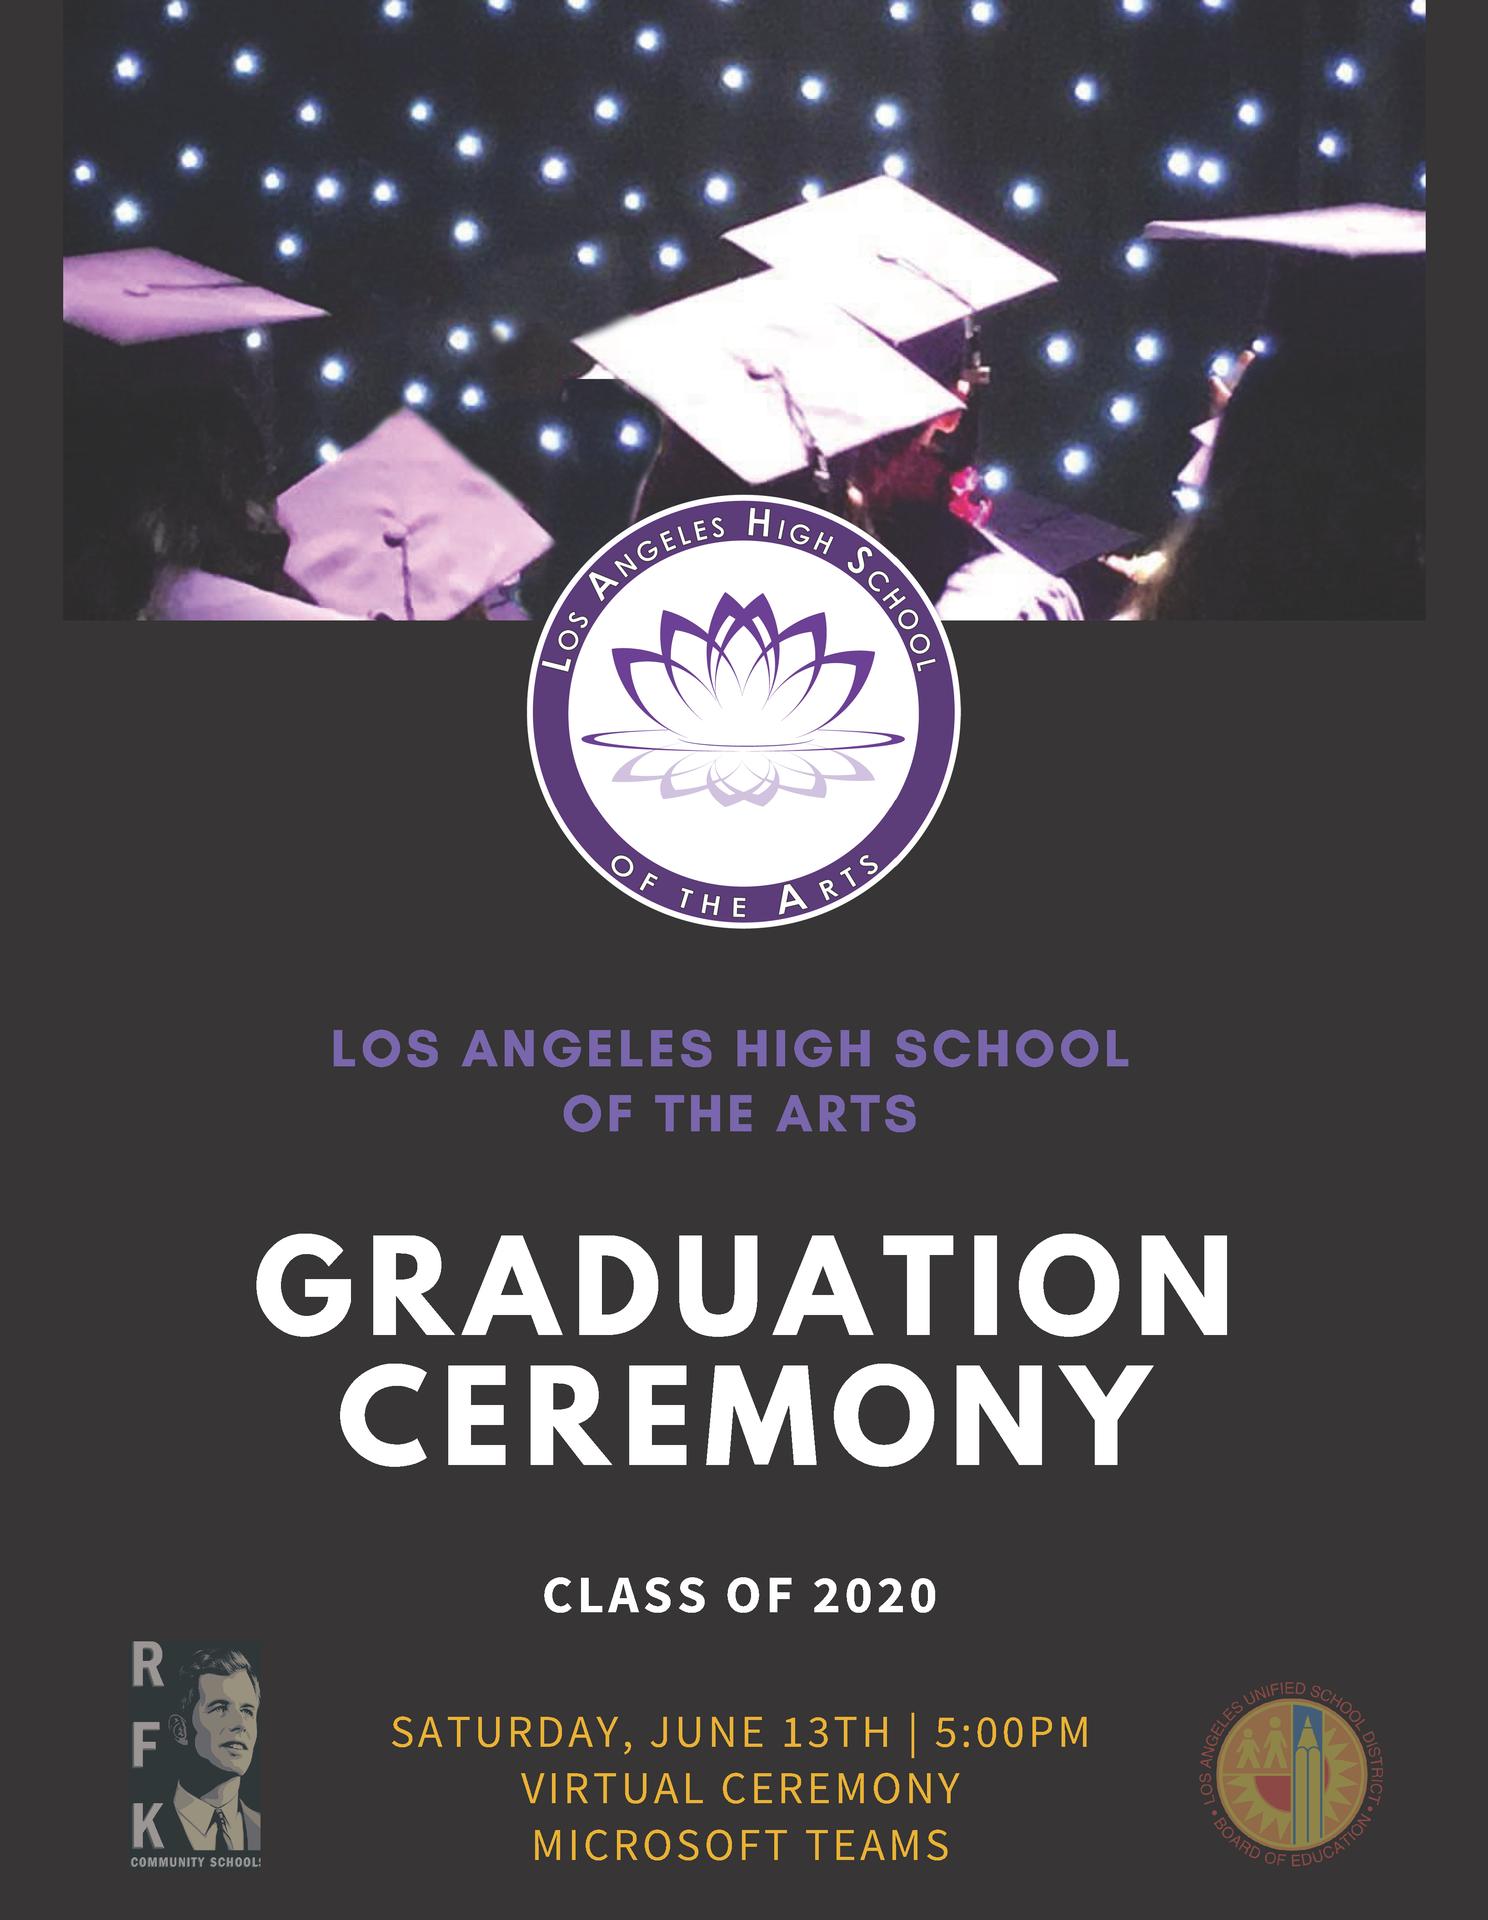 Graduation Program Announcement